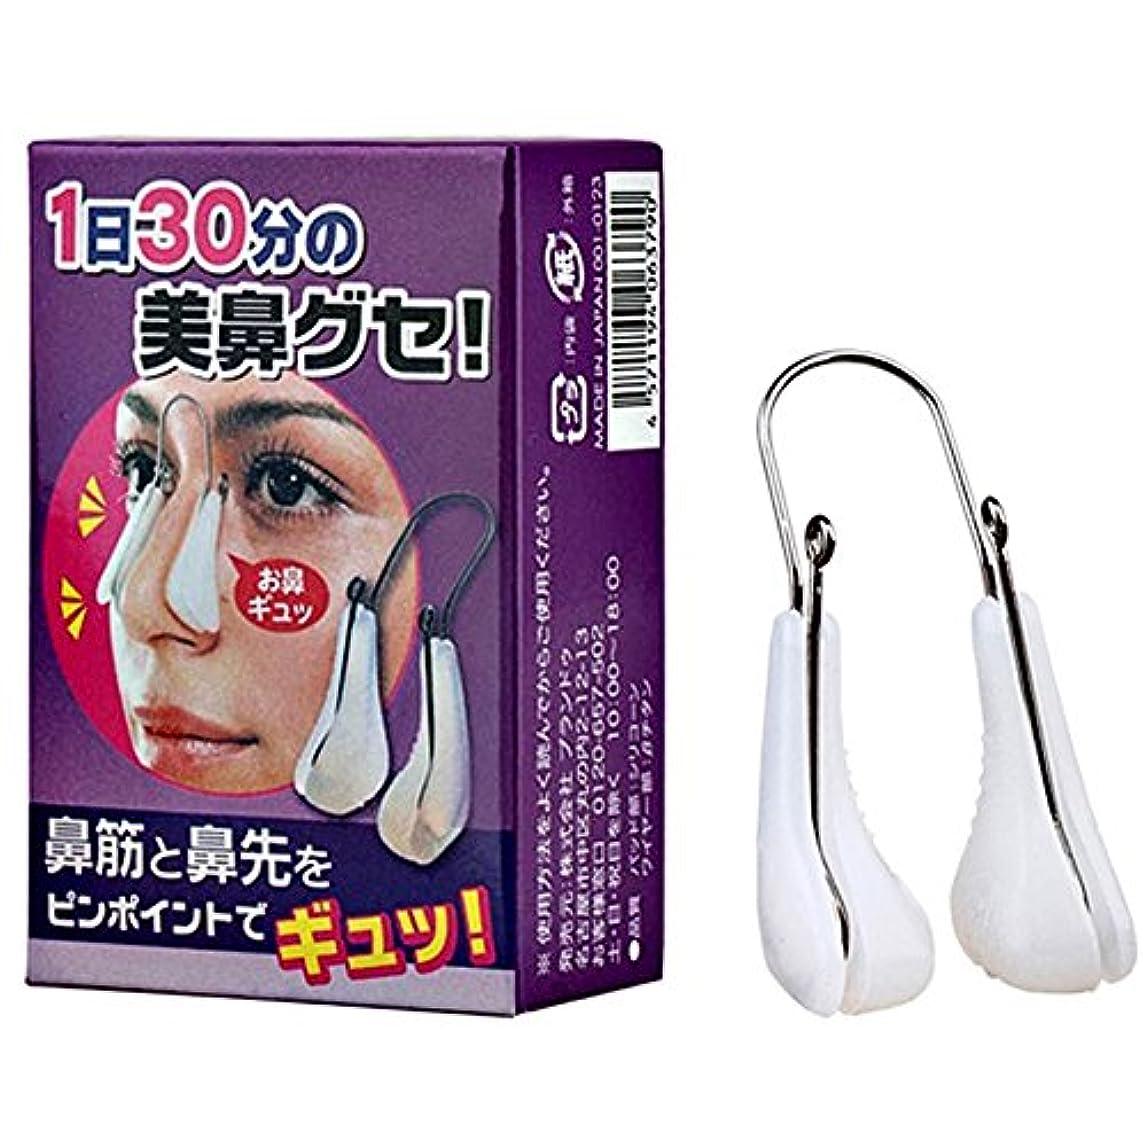 セミナーラグシチリア鼻筋ビューティー 鼻クリップ 鼻矯正 鼻美容 1日30分 美鼻ケア